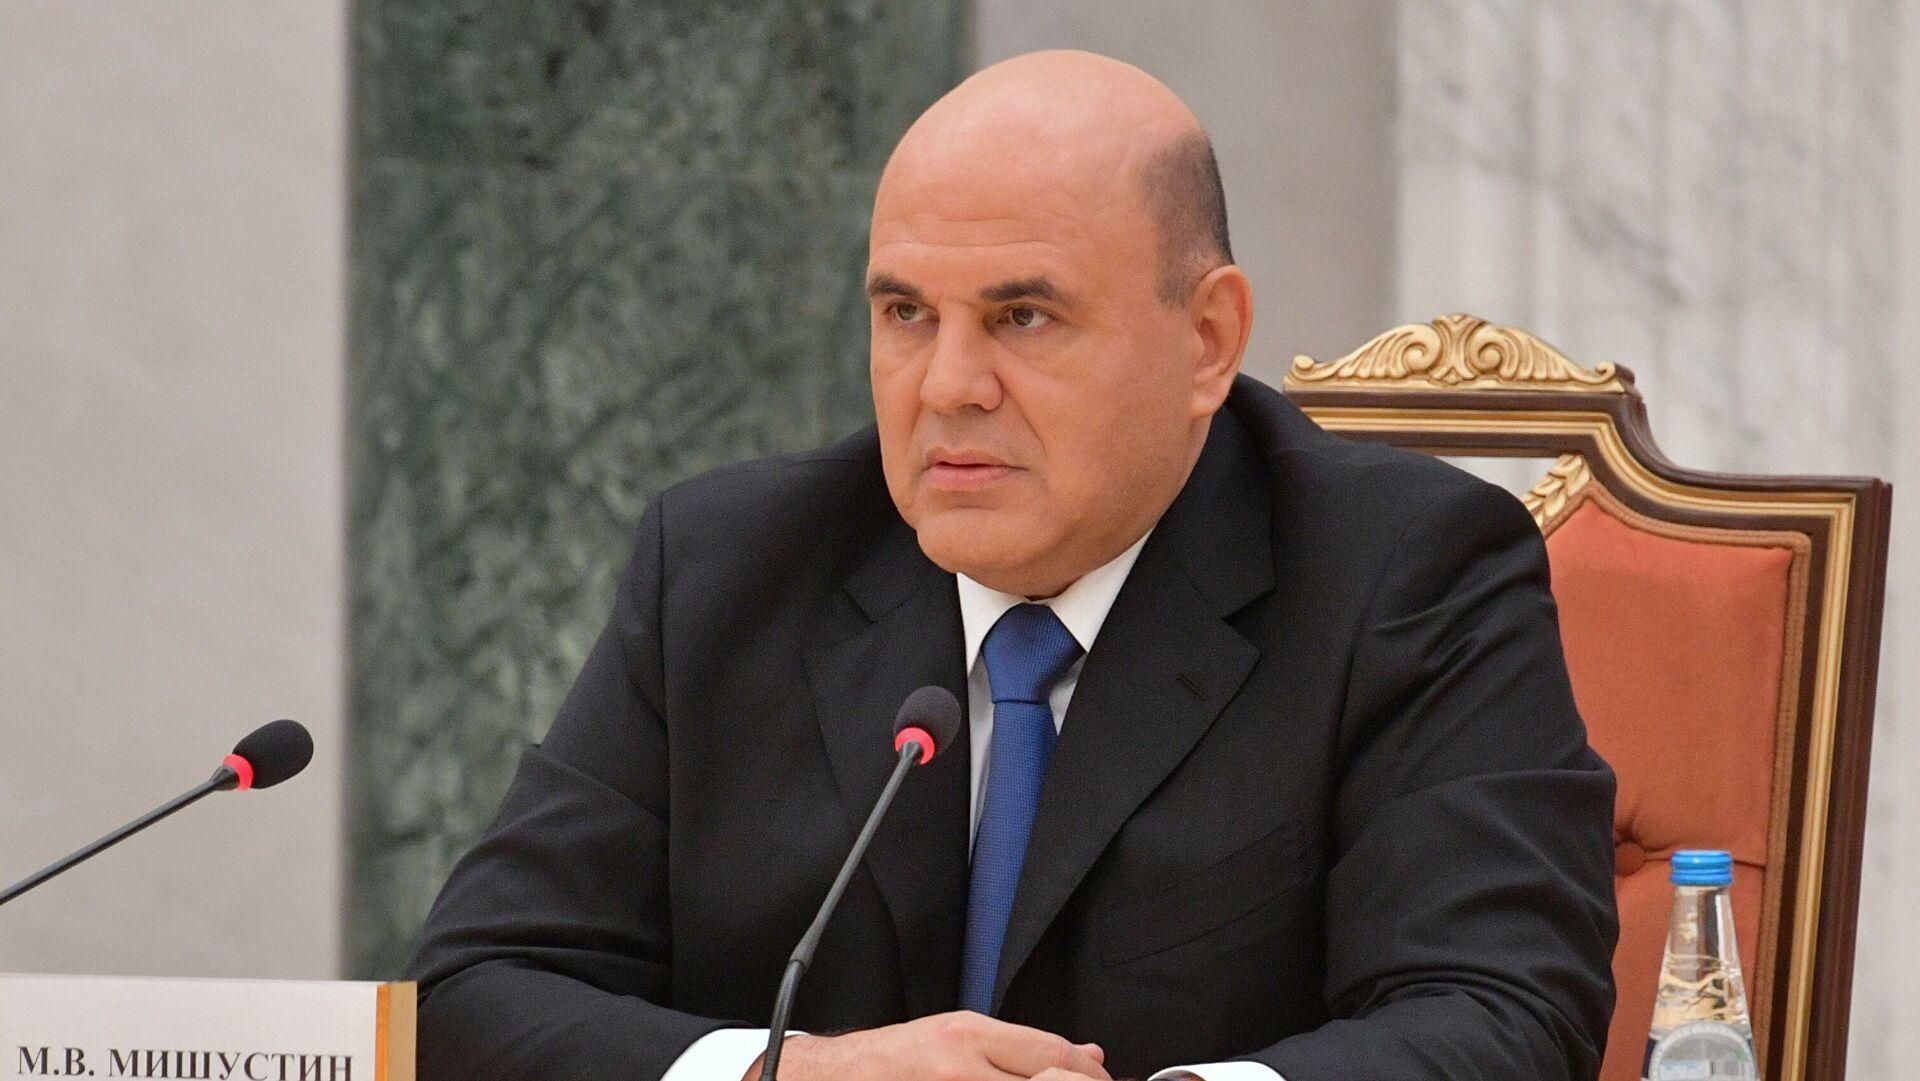 Photo of Мишустин: Война в Нагорном Карабахе влияет на снижение экономической активности в СНГ